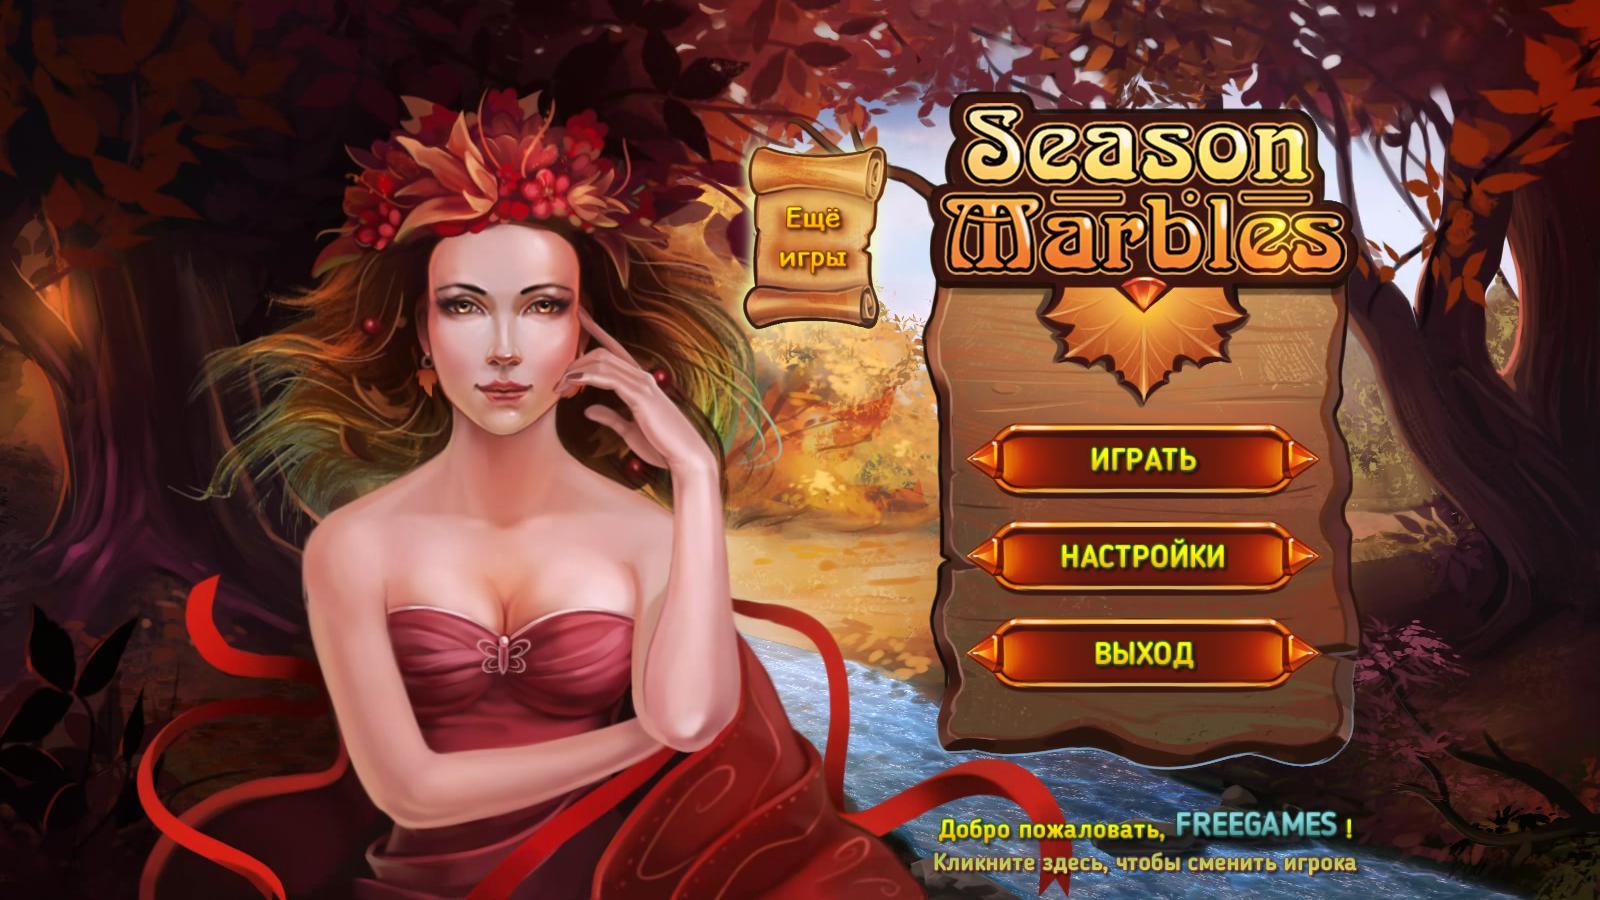 Season Marbles: Autumn (Rus)